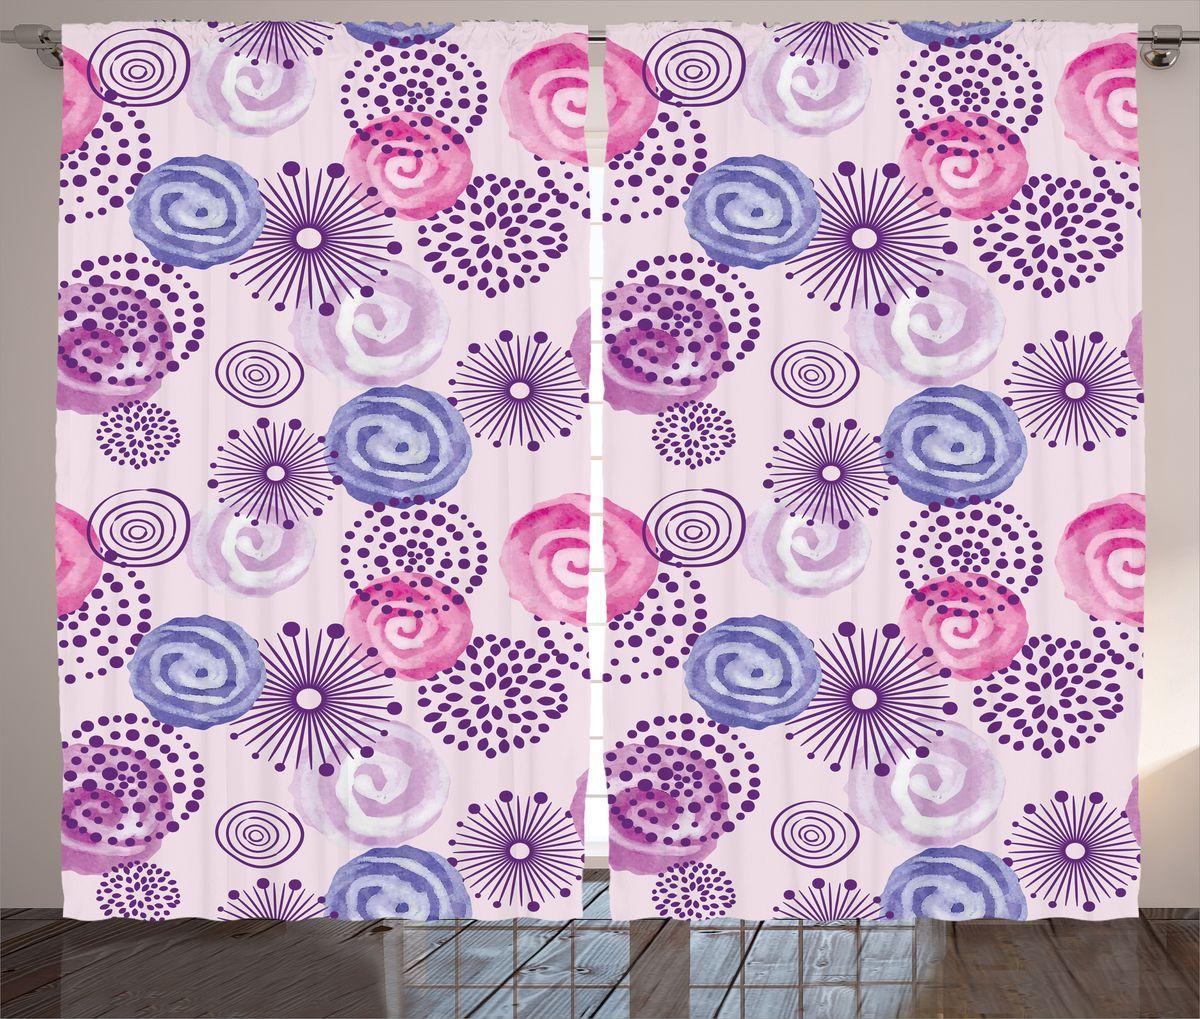 Комплект фотоштор Magic Lady Узор с цветными завитками, на ленте, высота 265 см. шсг_16806шсг_16806Компания Сэмболь изготавливает шторы из высококачественного сатена (полиэстер 100%). При изготовлении используются специальные гипоаллергенные чернила для прямой печати по ткани, безопасные для человека и животных. Экологичность продукции Magic lady и безопасность для окружающей среды подтверждены сертификатом Oeko-Tex Standard 100. Крепление: крючки для крепления на шторной ленте (50 шт). Возможно крепление на трубу. Внимание! При нанесении сублимационной печати на ткань технологическим методом при температуре 240°С, возможно отклонение полученных размеров (указанных на этикетке и сайте) от стандартных на + - 3-5 см. Производитель старается максимально точно передать цвета изделия на фотографиях, однако искажения неизбежны и фактический цвет изделия может отличаться от воспринимаемого по фото. Обратите внимание! Шторы изготовлены из полиэстра сатенового переплетения, а не из сатина (хлопок). Размер одного полотна шторы: 145х265 см. В комплекте 2...